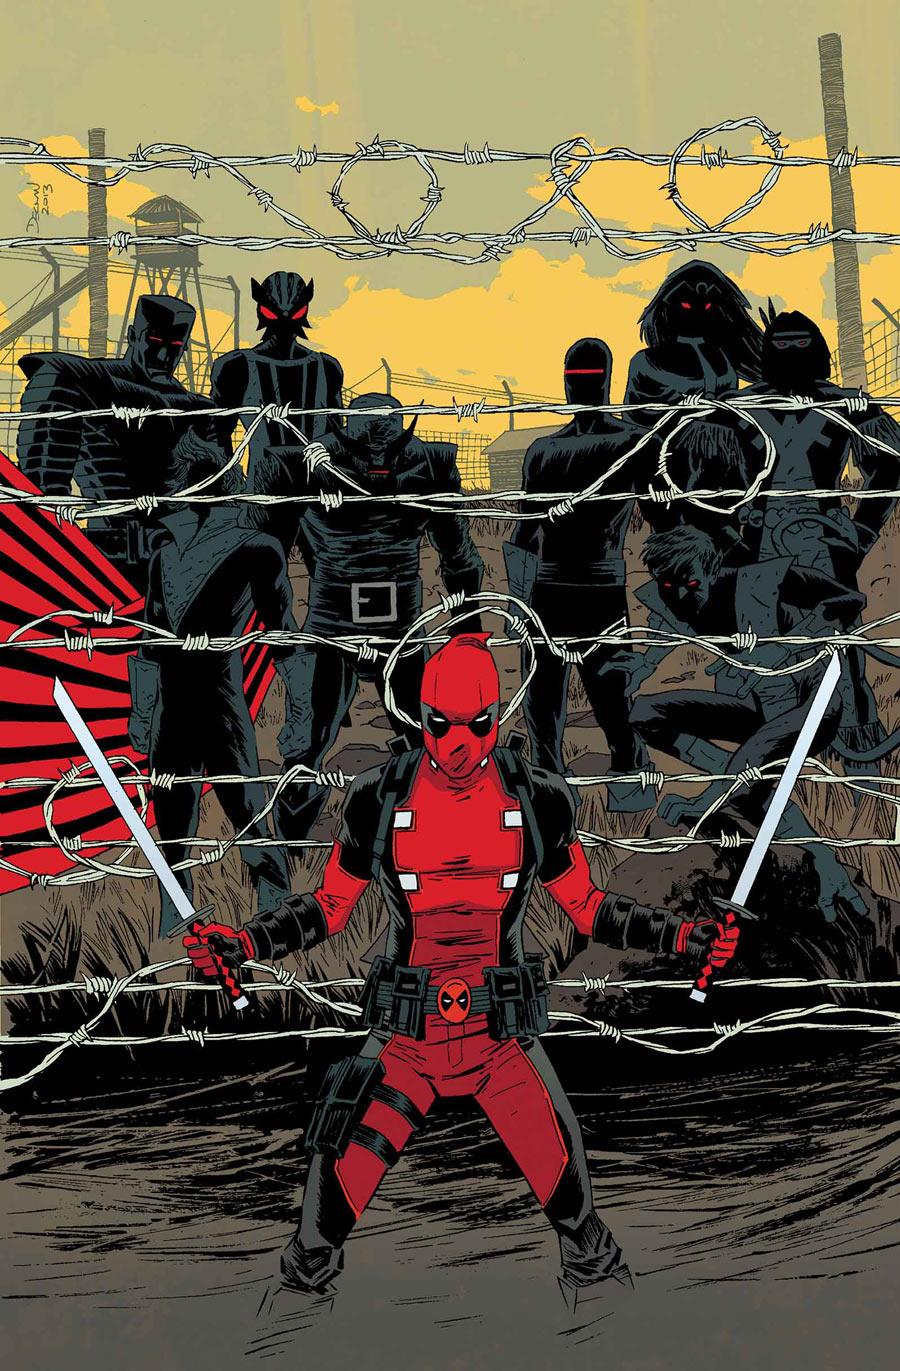 Deadpool by  Declan Shalvey  | Via XombieDirge